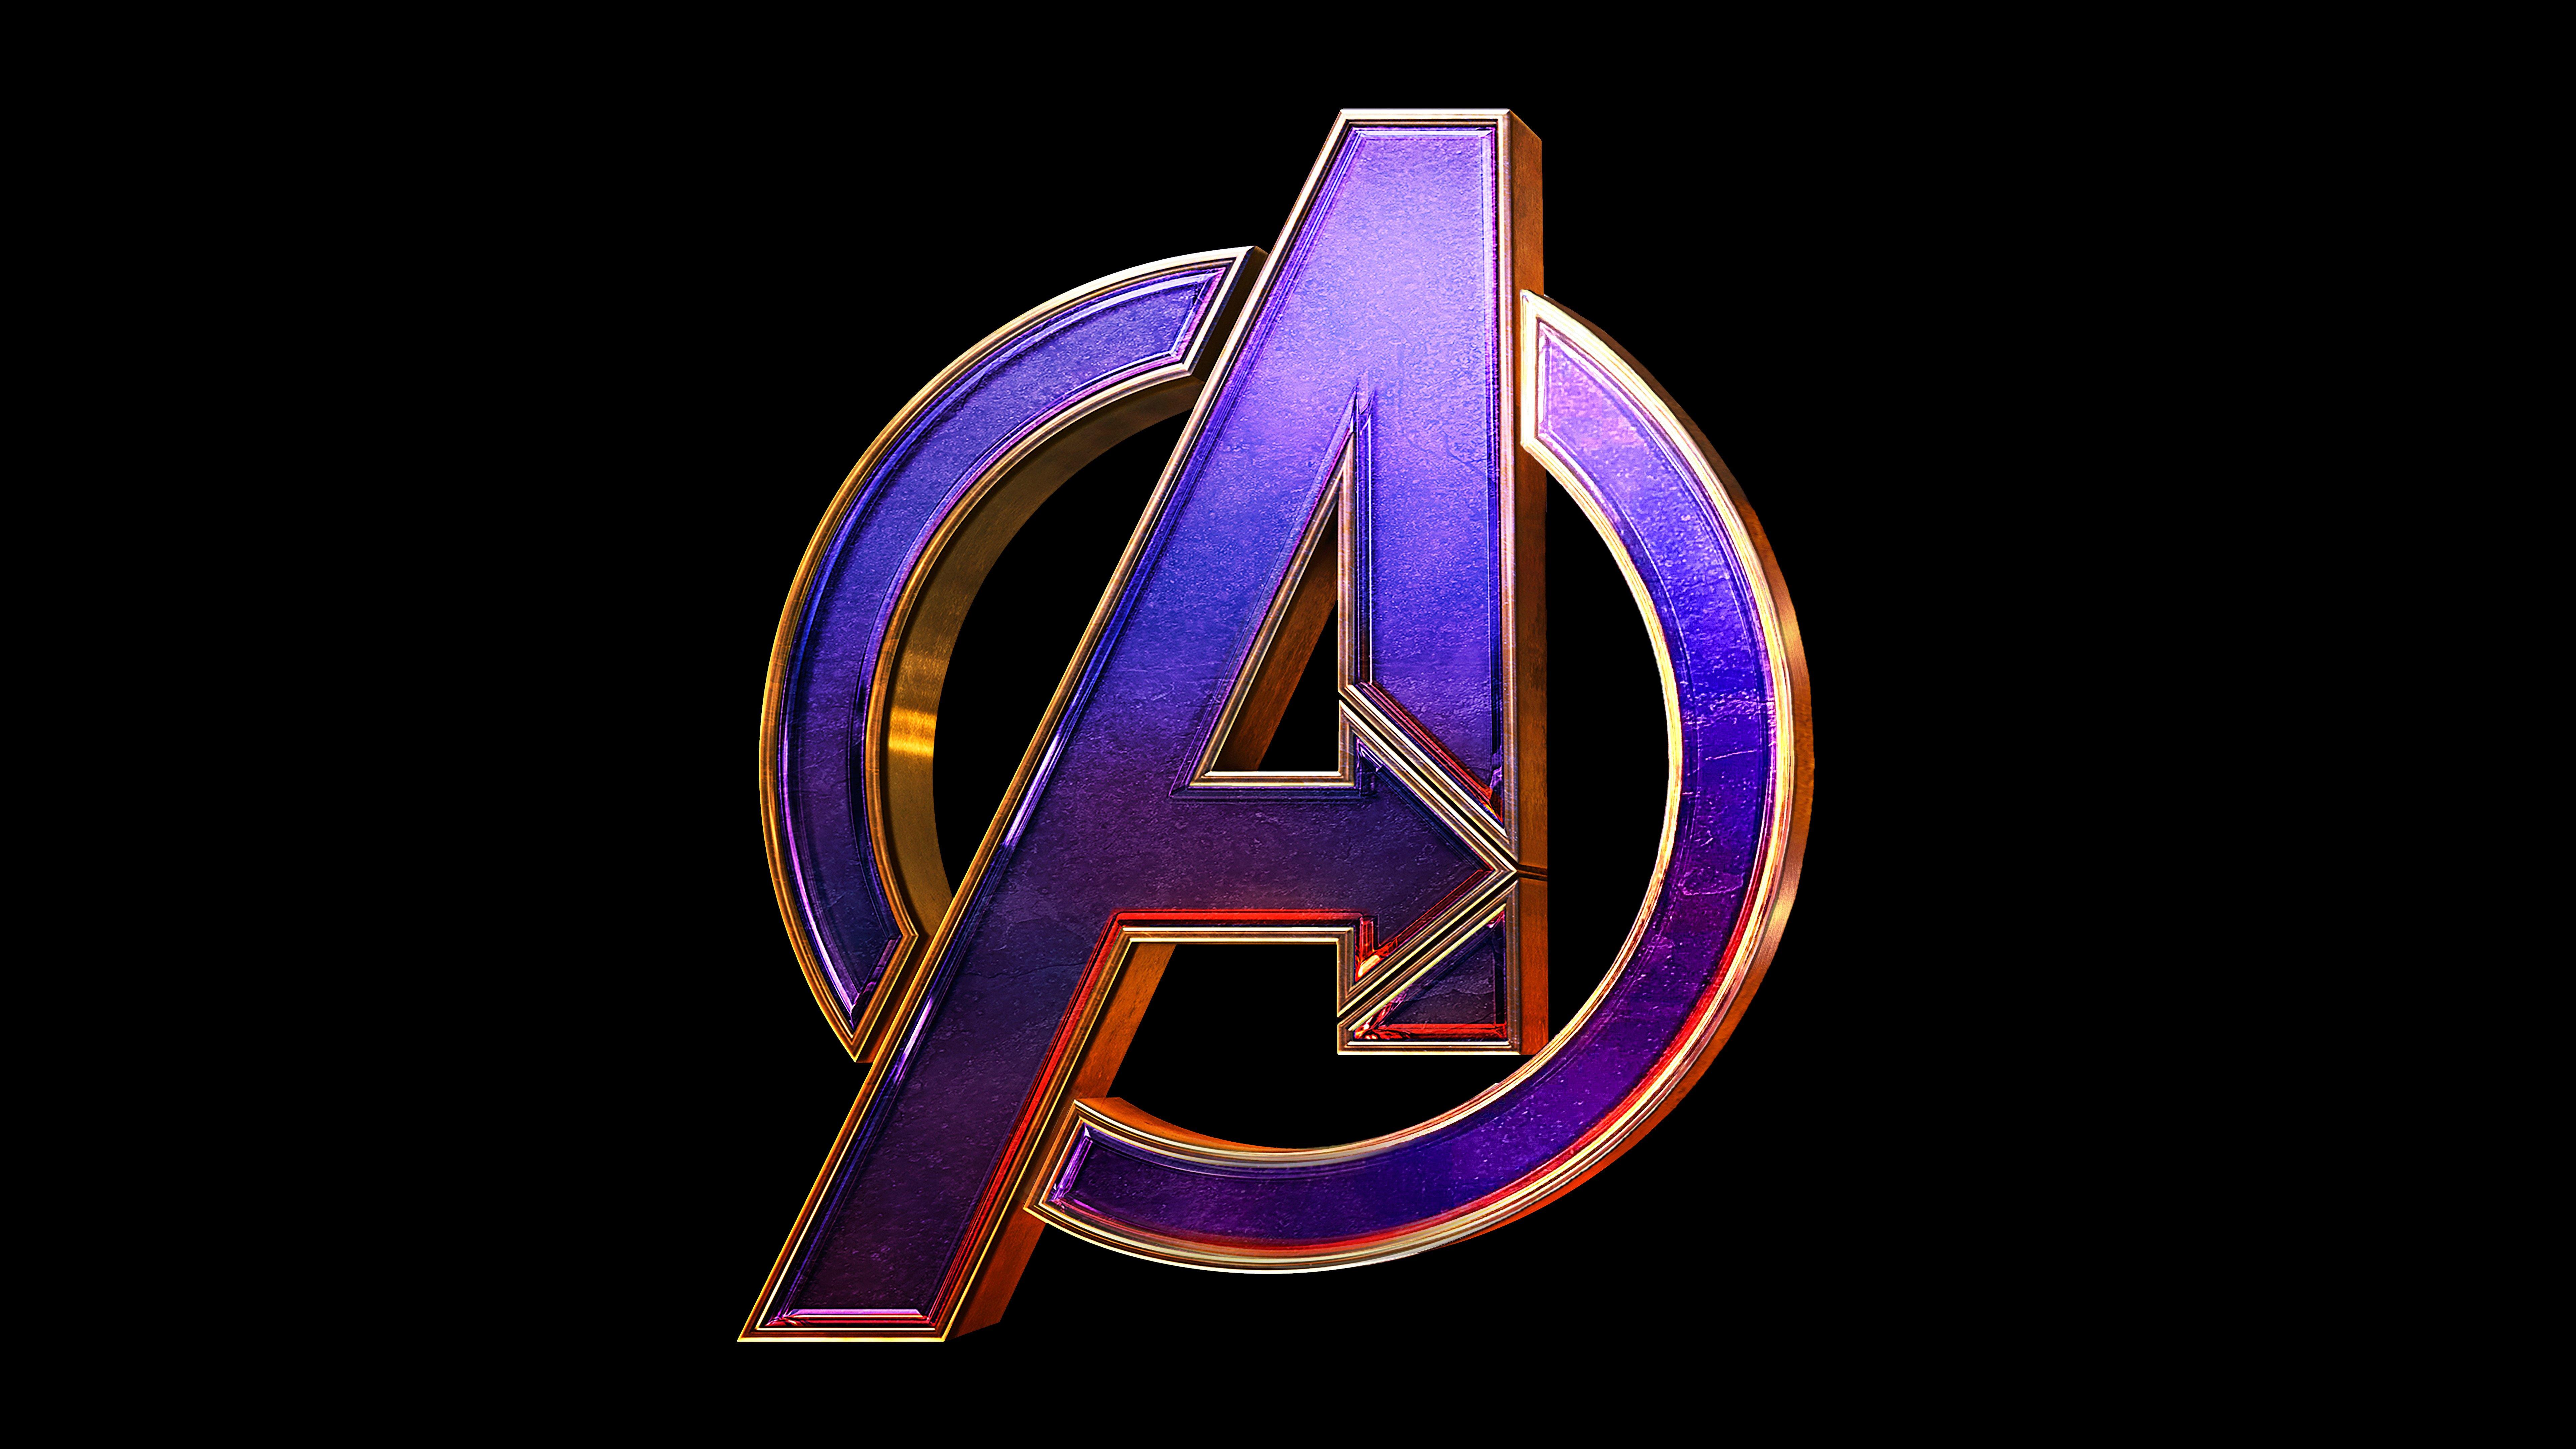 Fondos de pantalla Avengers Endgame Logo